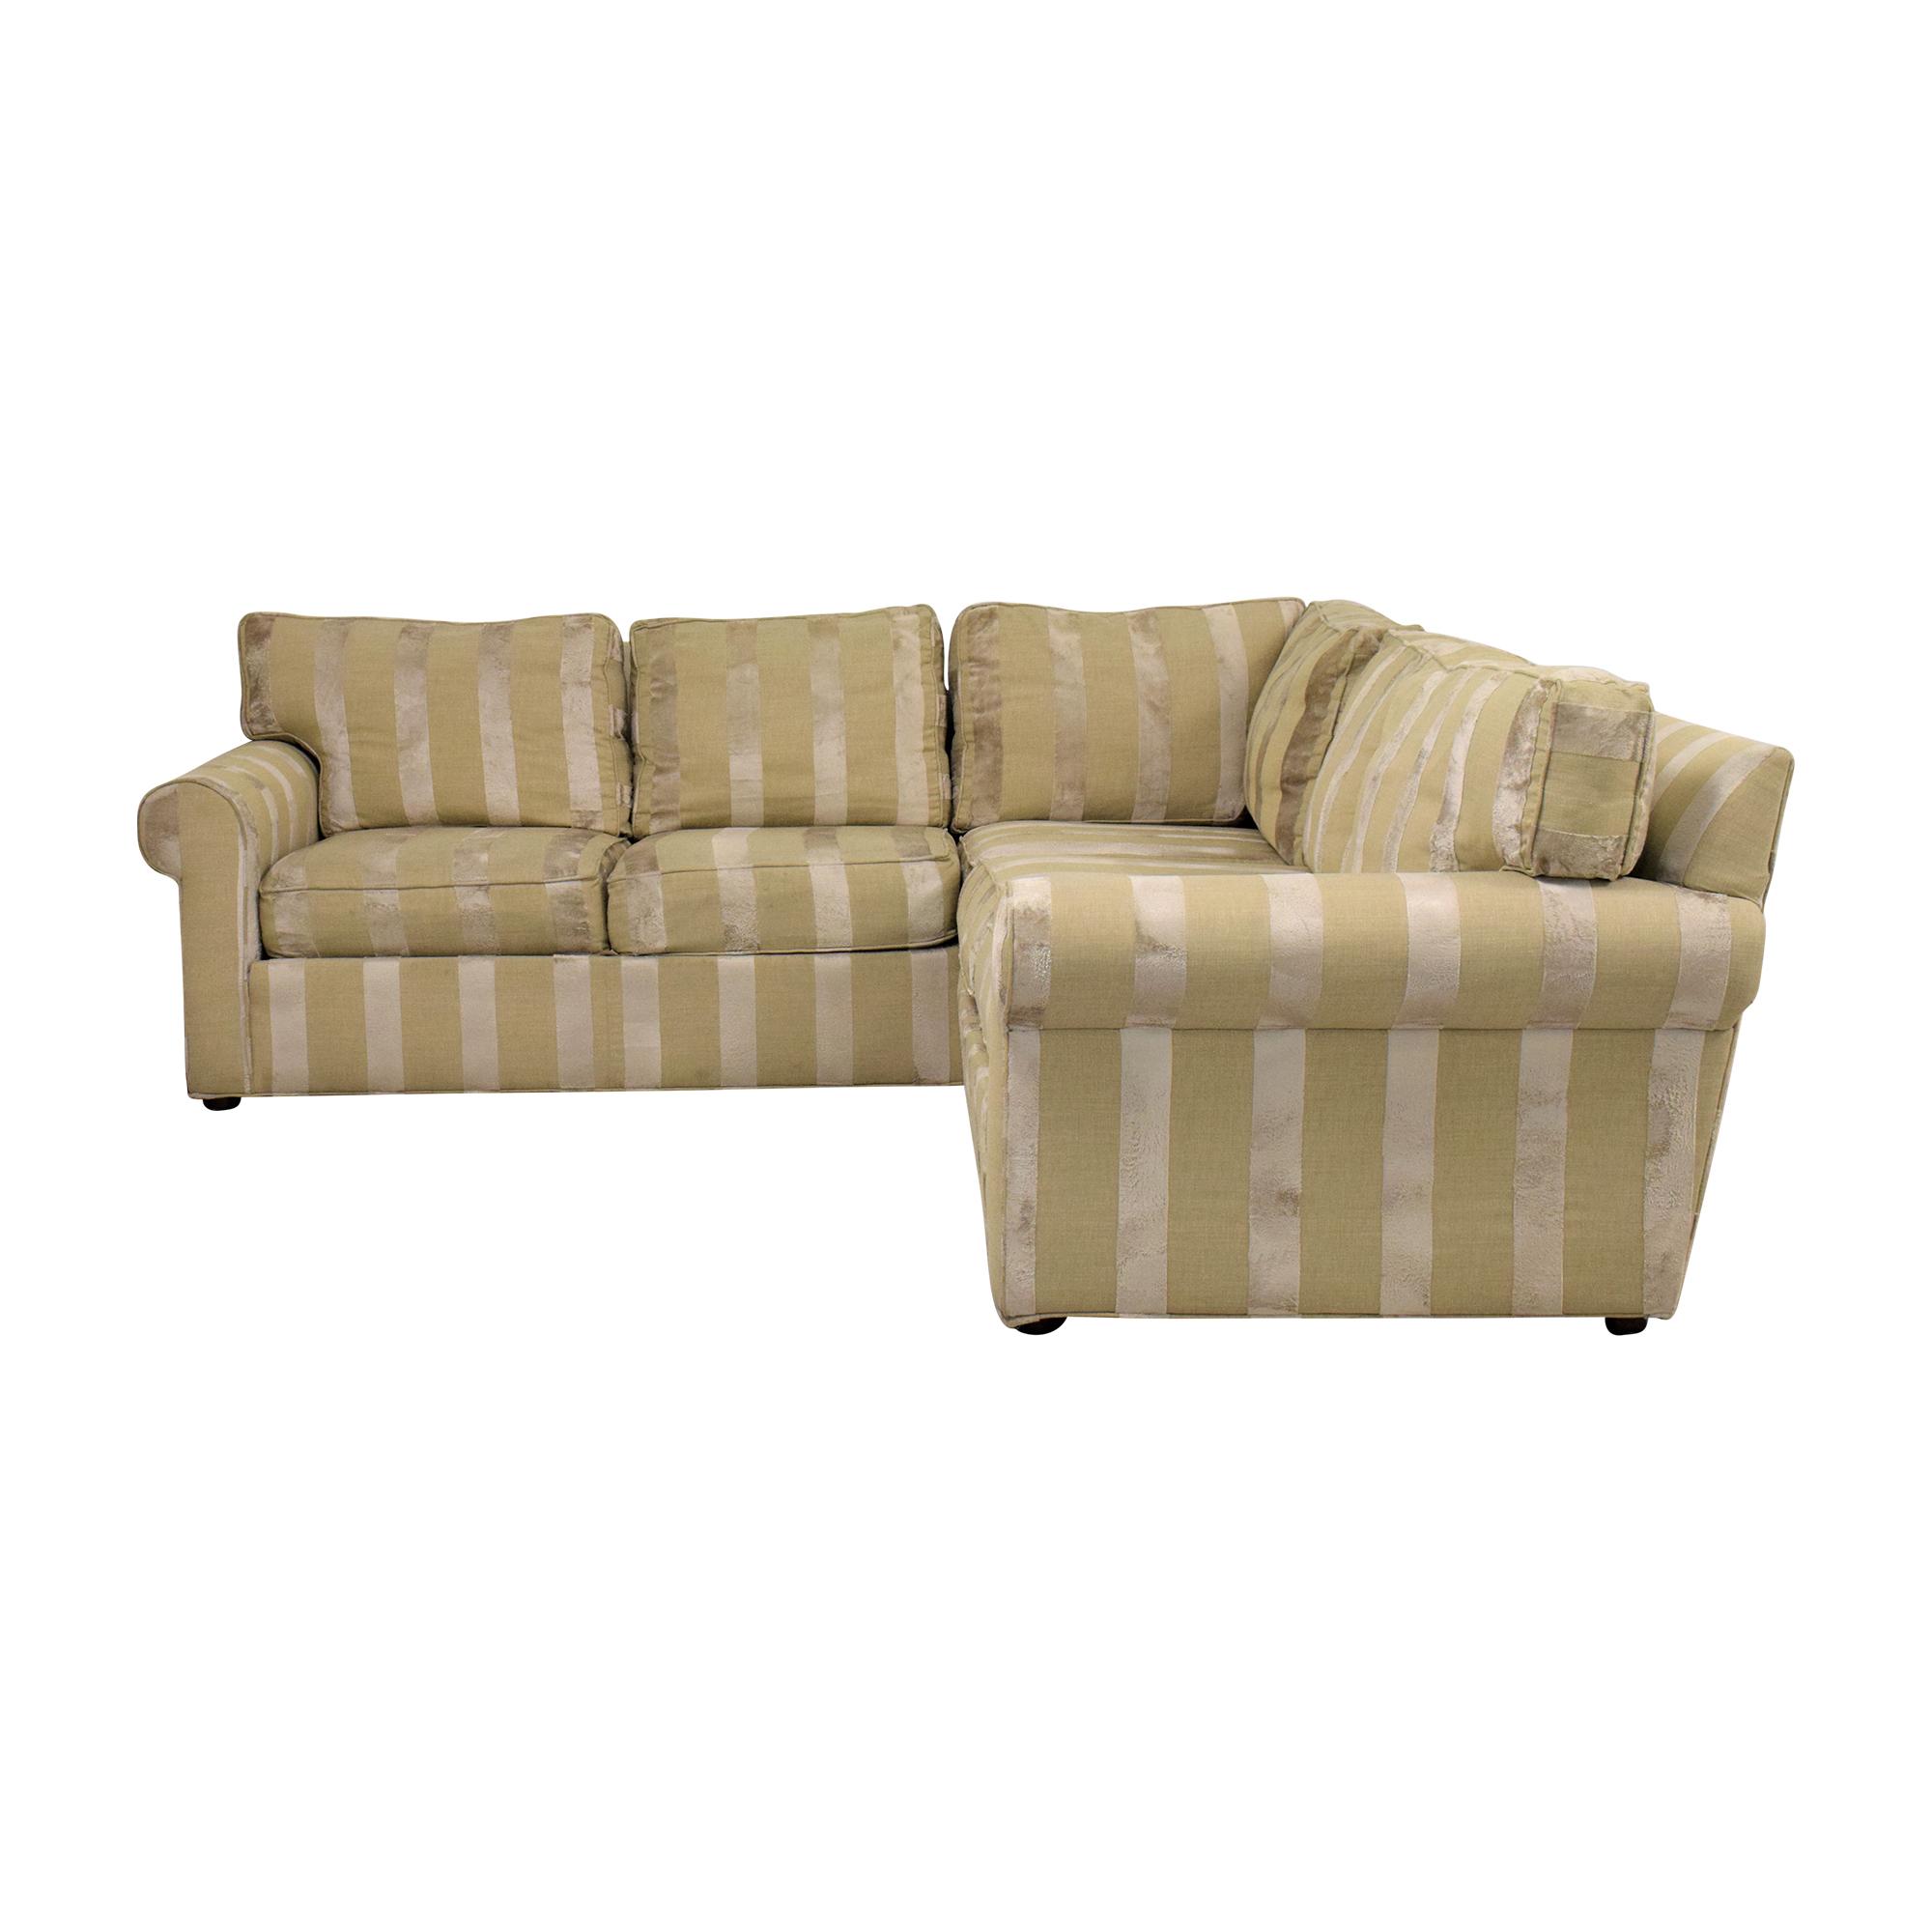 buy Ethan Allen Bennet Sectional Sofa Ethan Allen